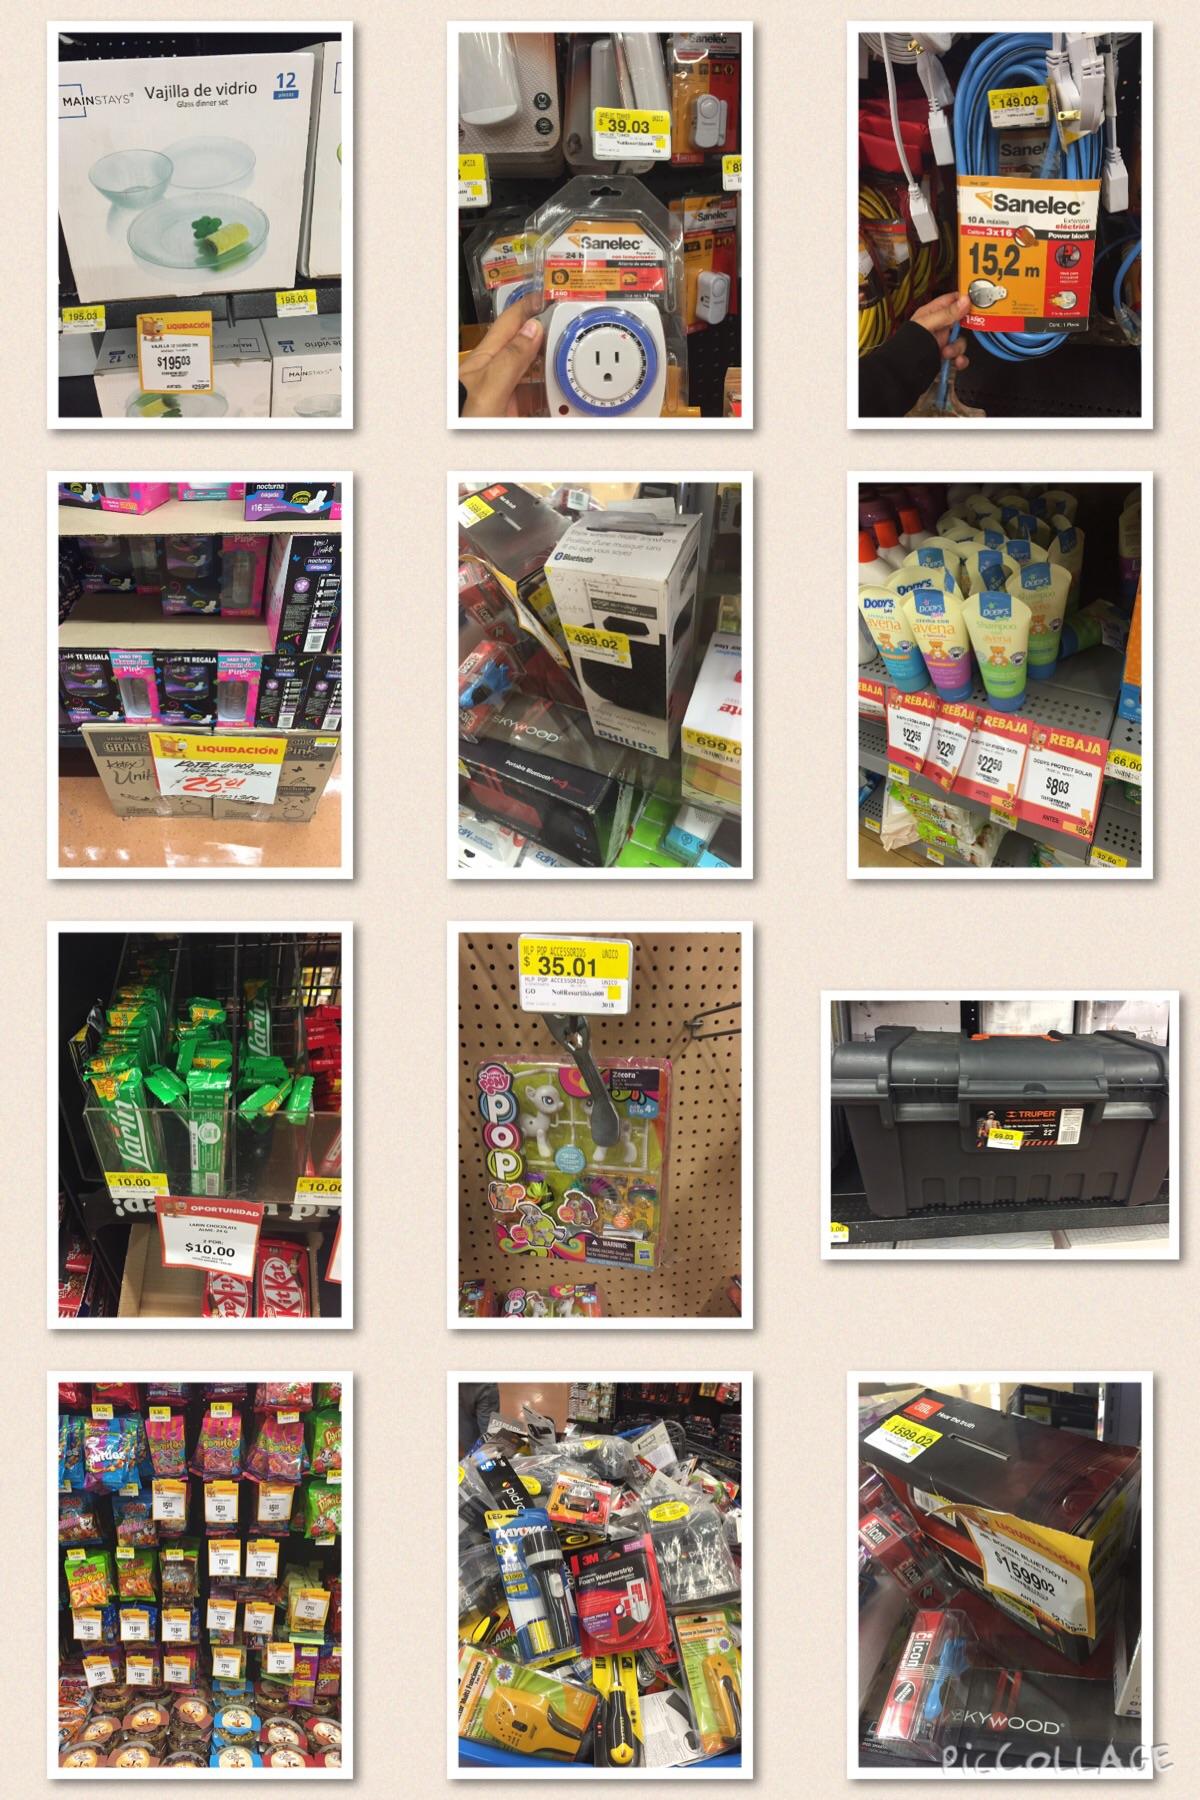 Walmart: liquidación en dulces, herramienta, juguetes